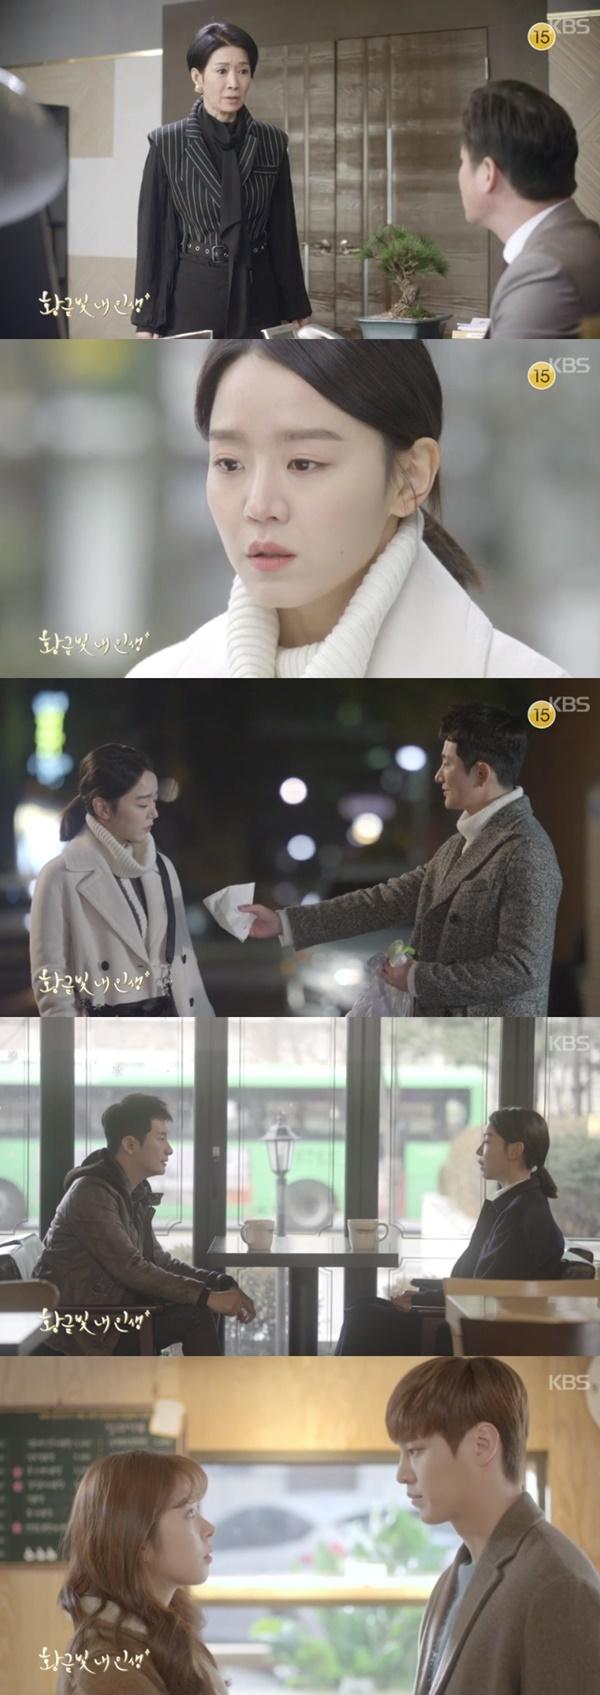 (KBS2 주말드라마 '황금빛 내 인생')